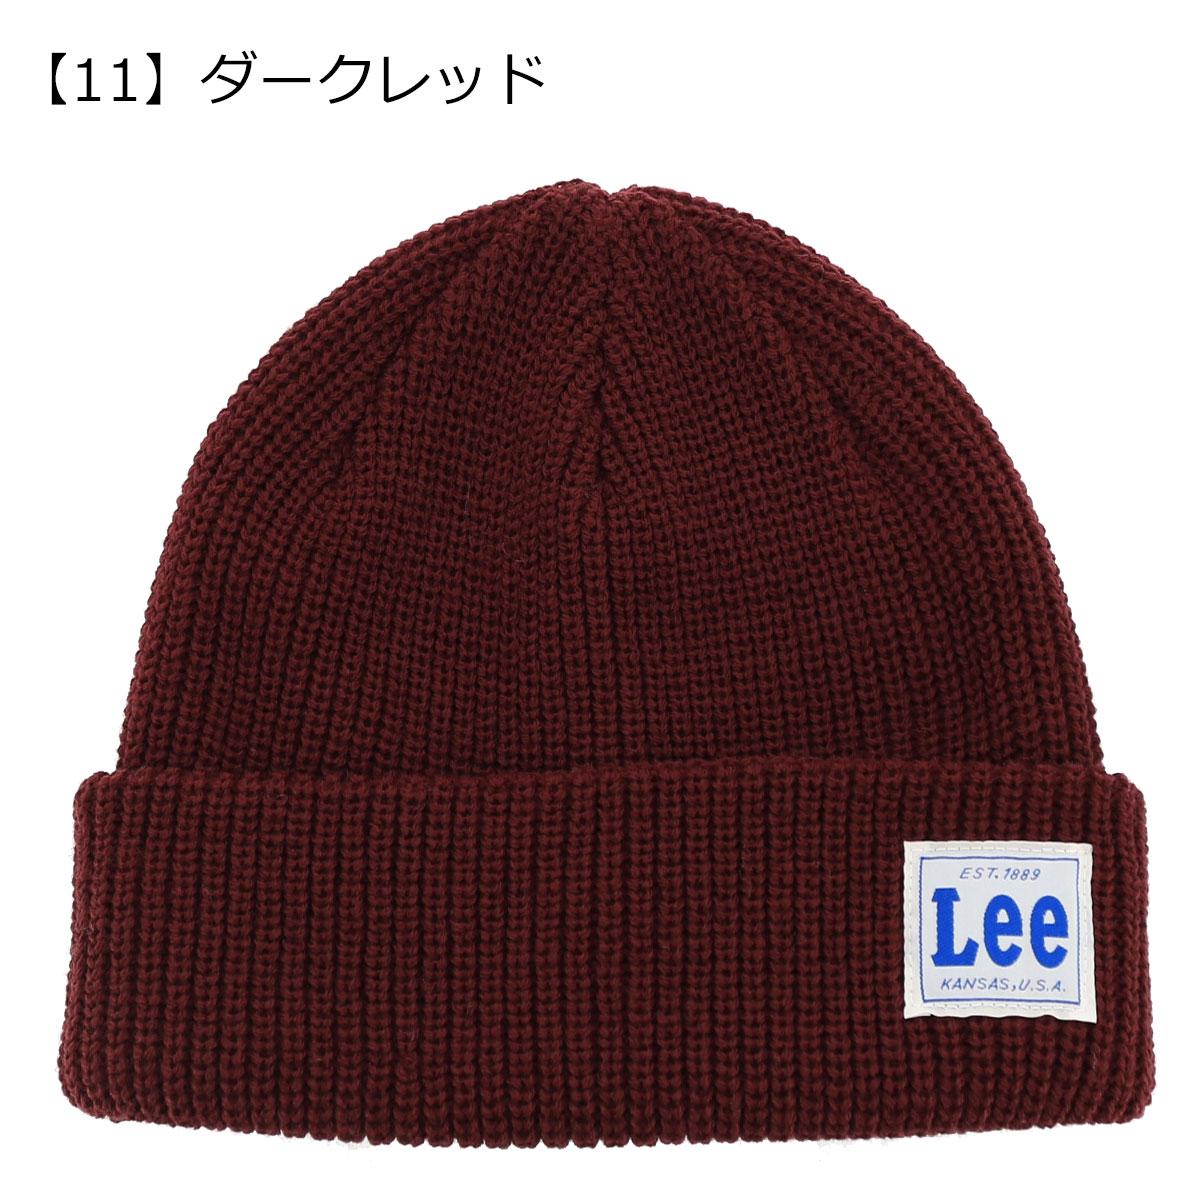 【11】ダークレッド